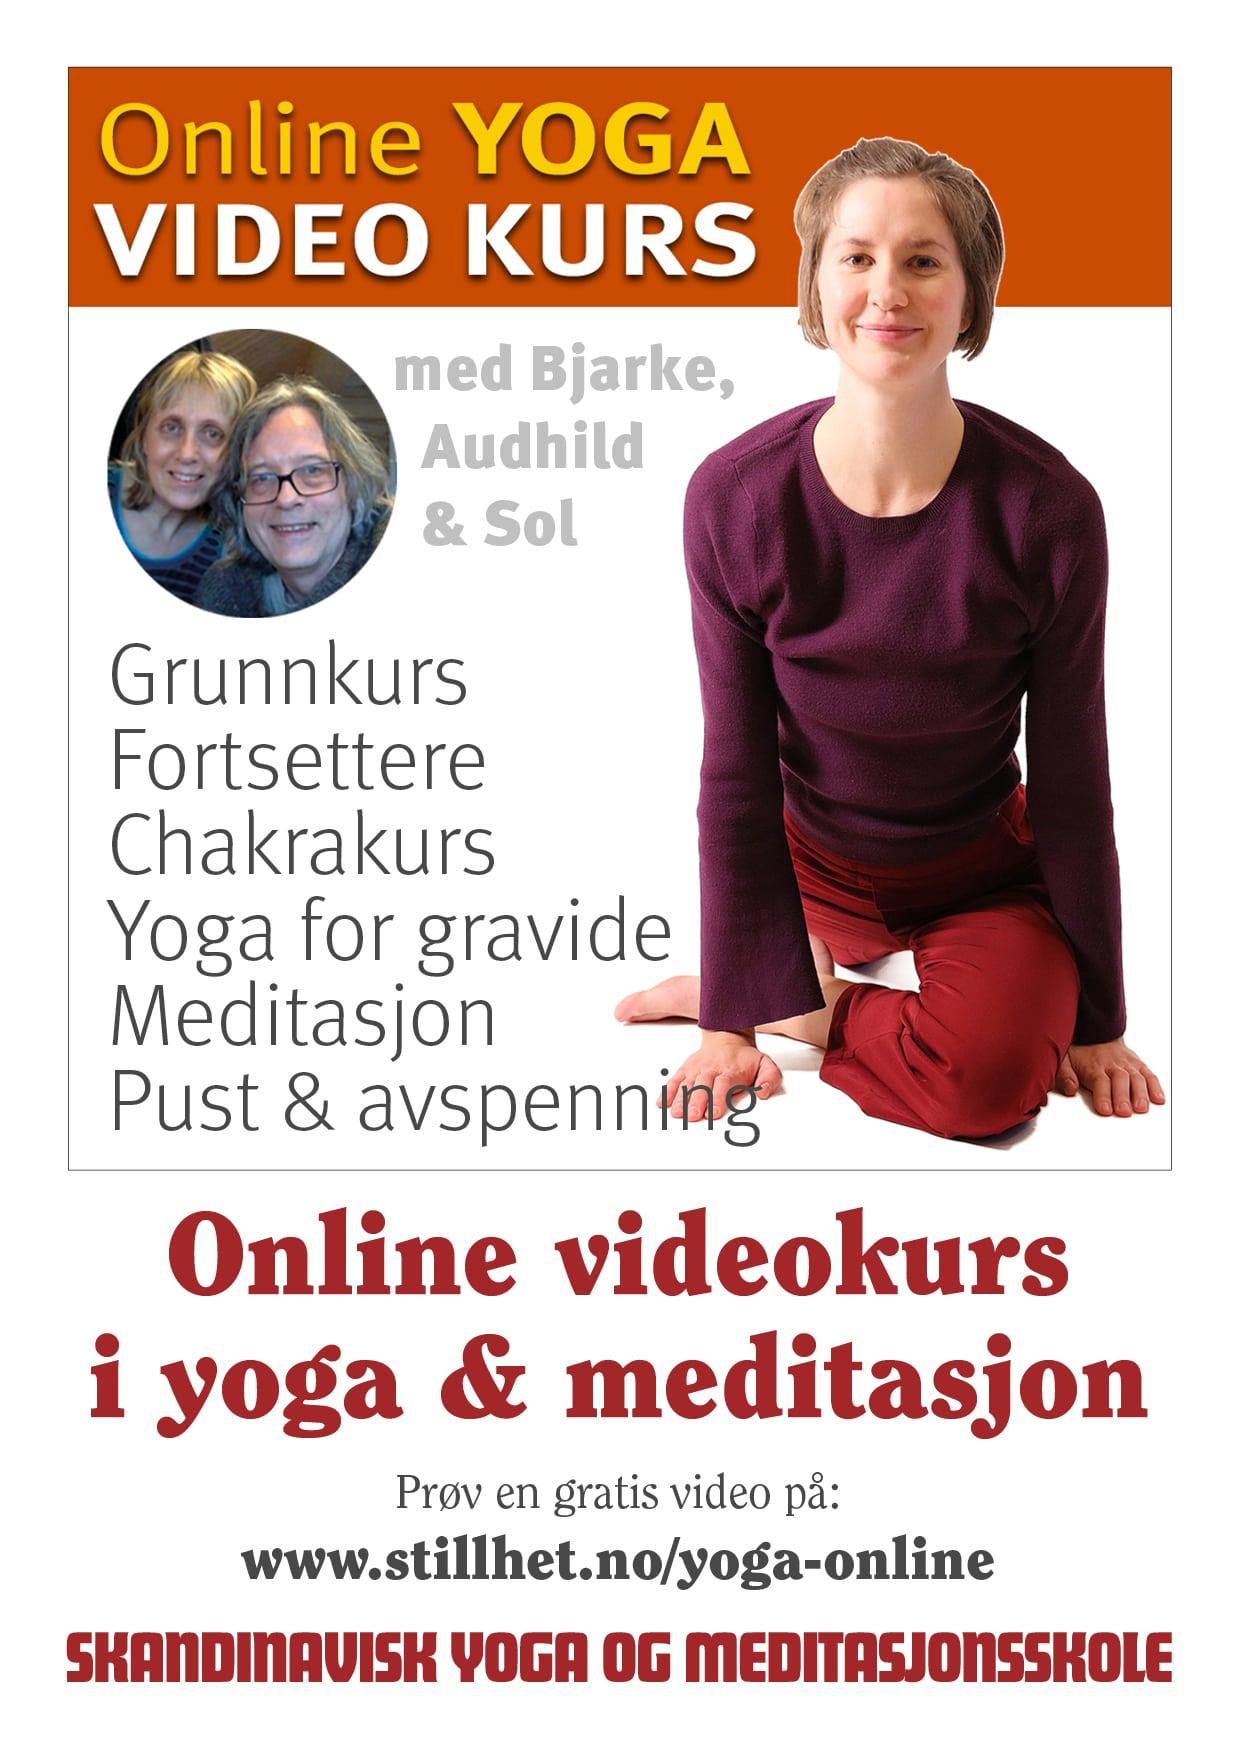 Meditasjonskursene